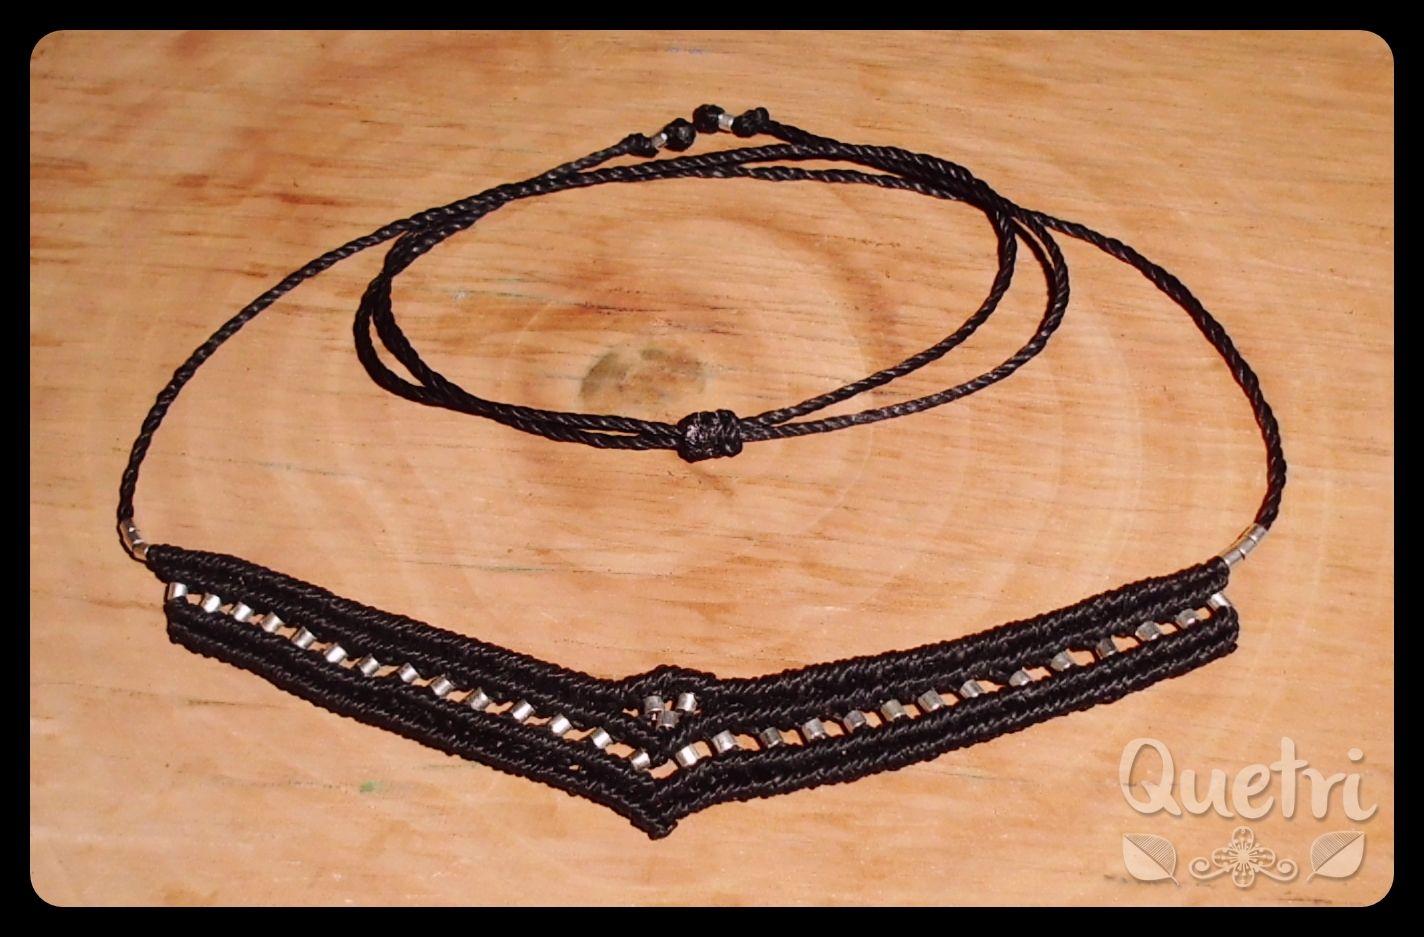 Collar negro con mostacillas plateadas  #collar #macramé #negro #mostacilla #plateado